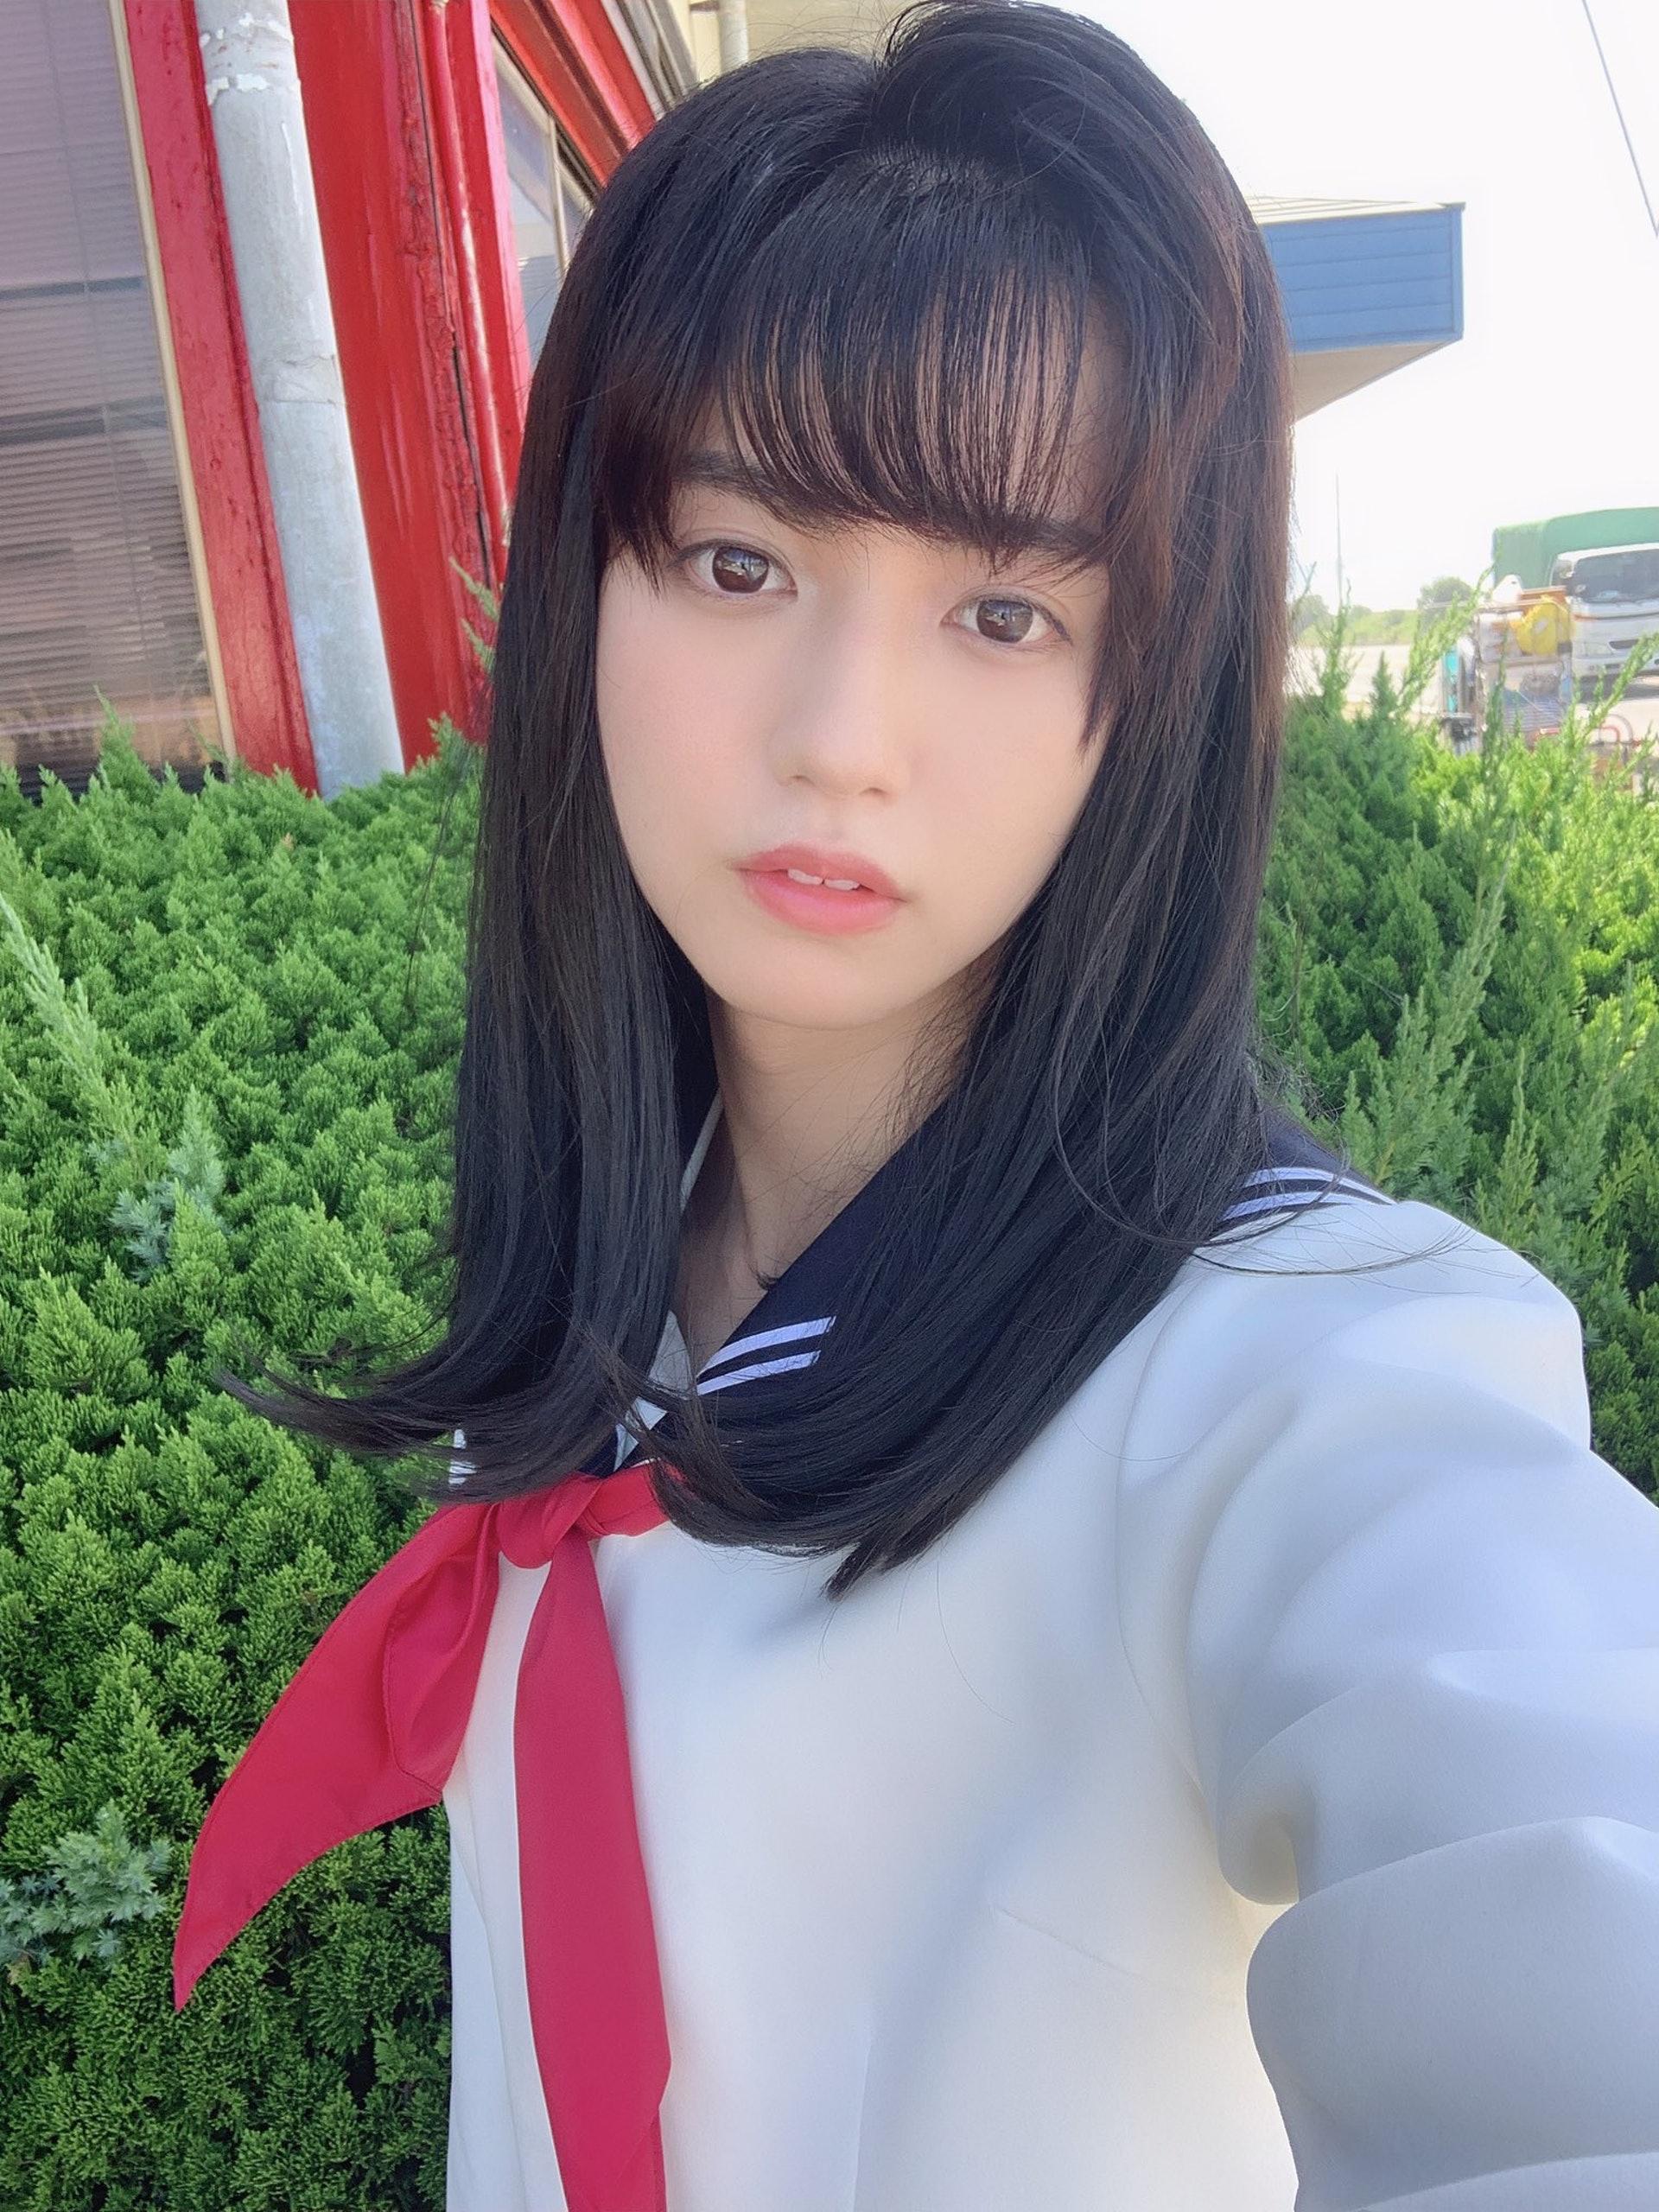 橋本環奈級可愛!日劇「超正偽娘」迷倒眾男引關注 網友激讚:「比女生還美!」